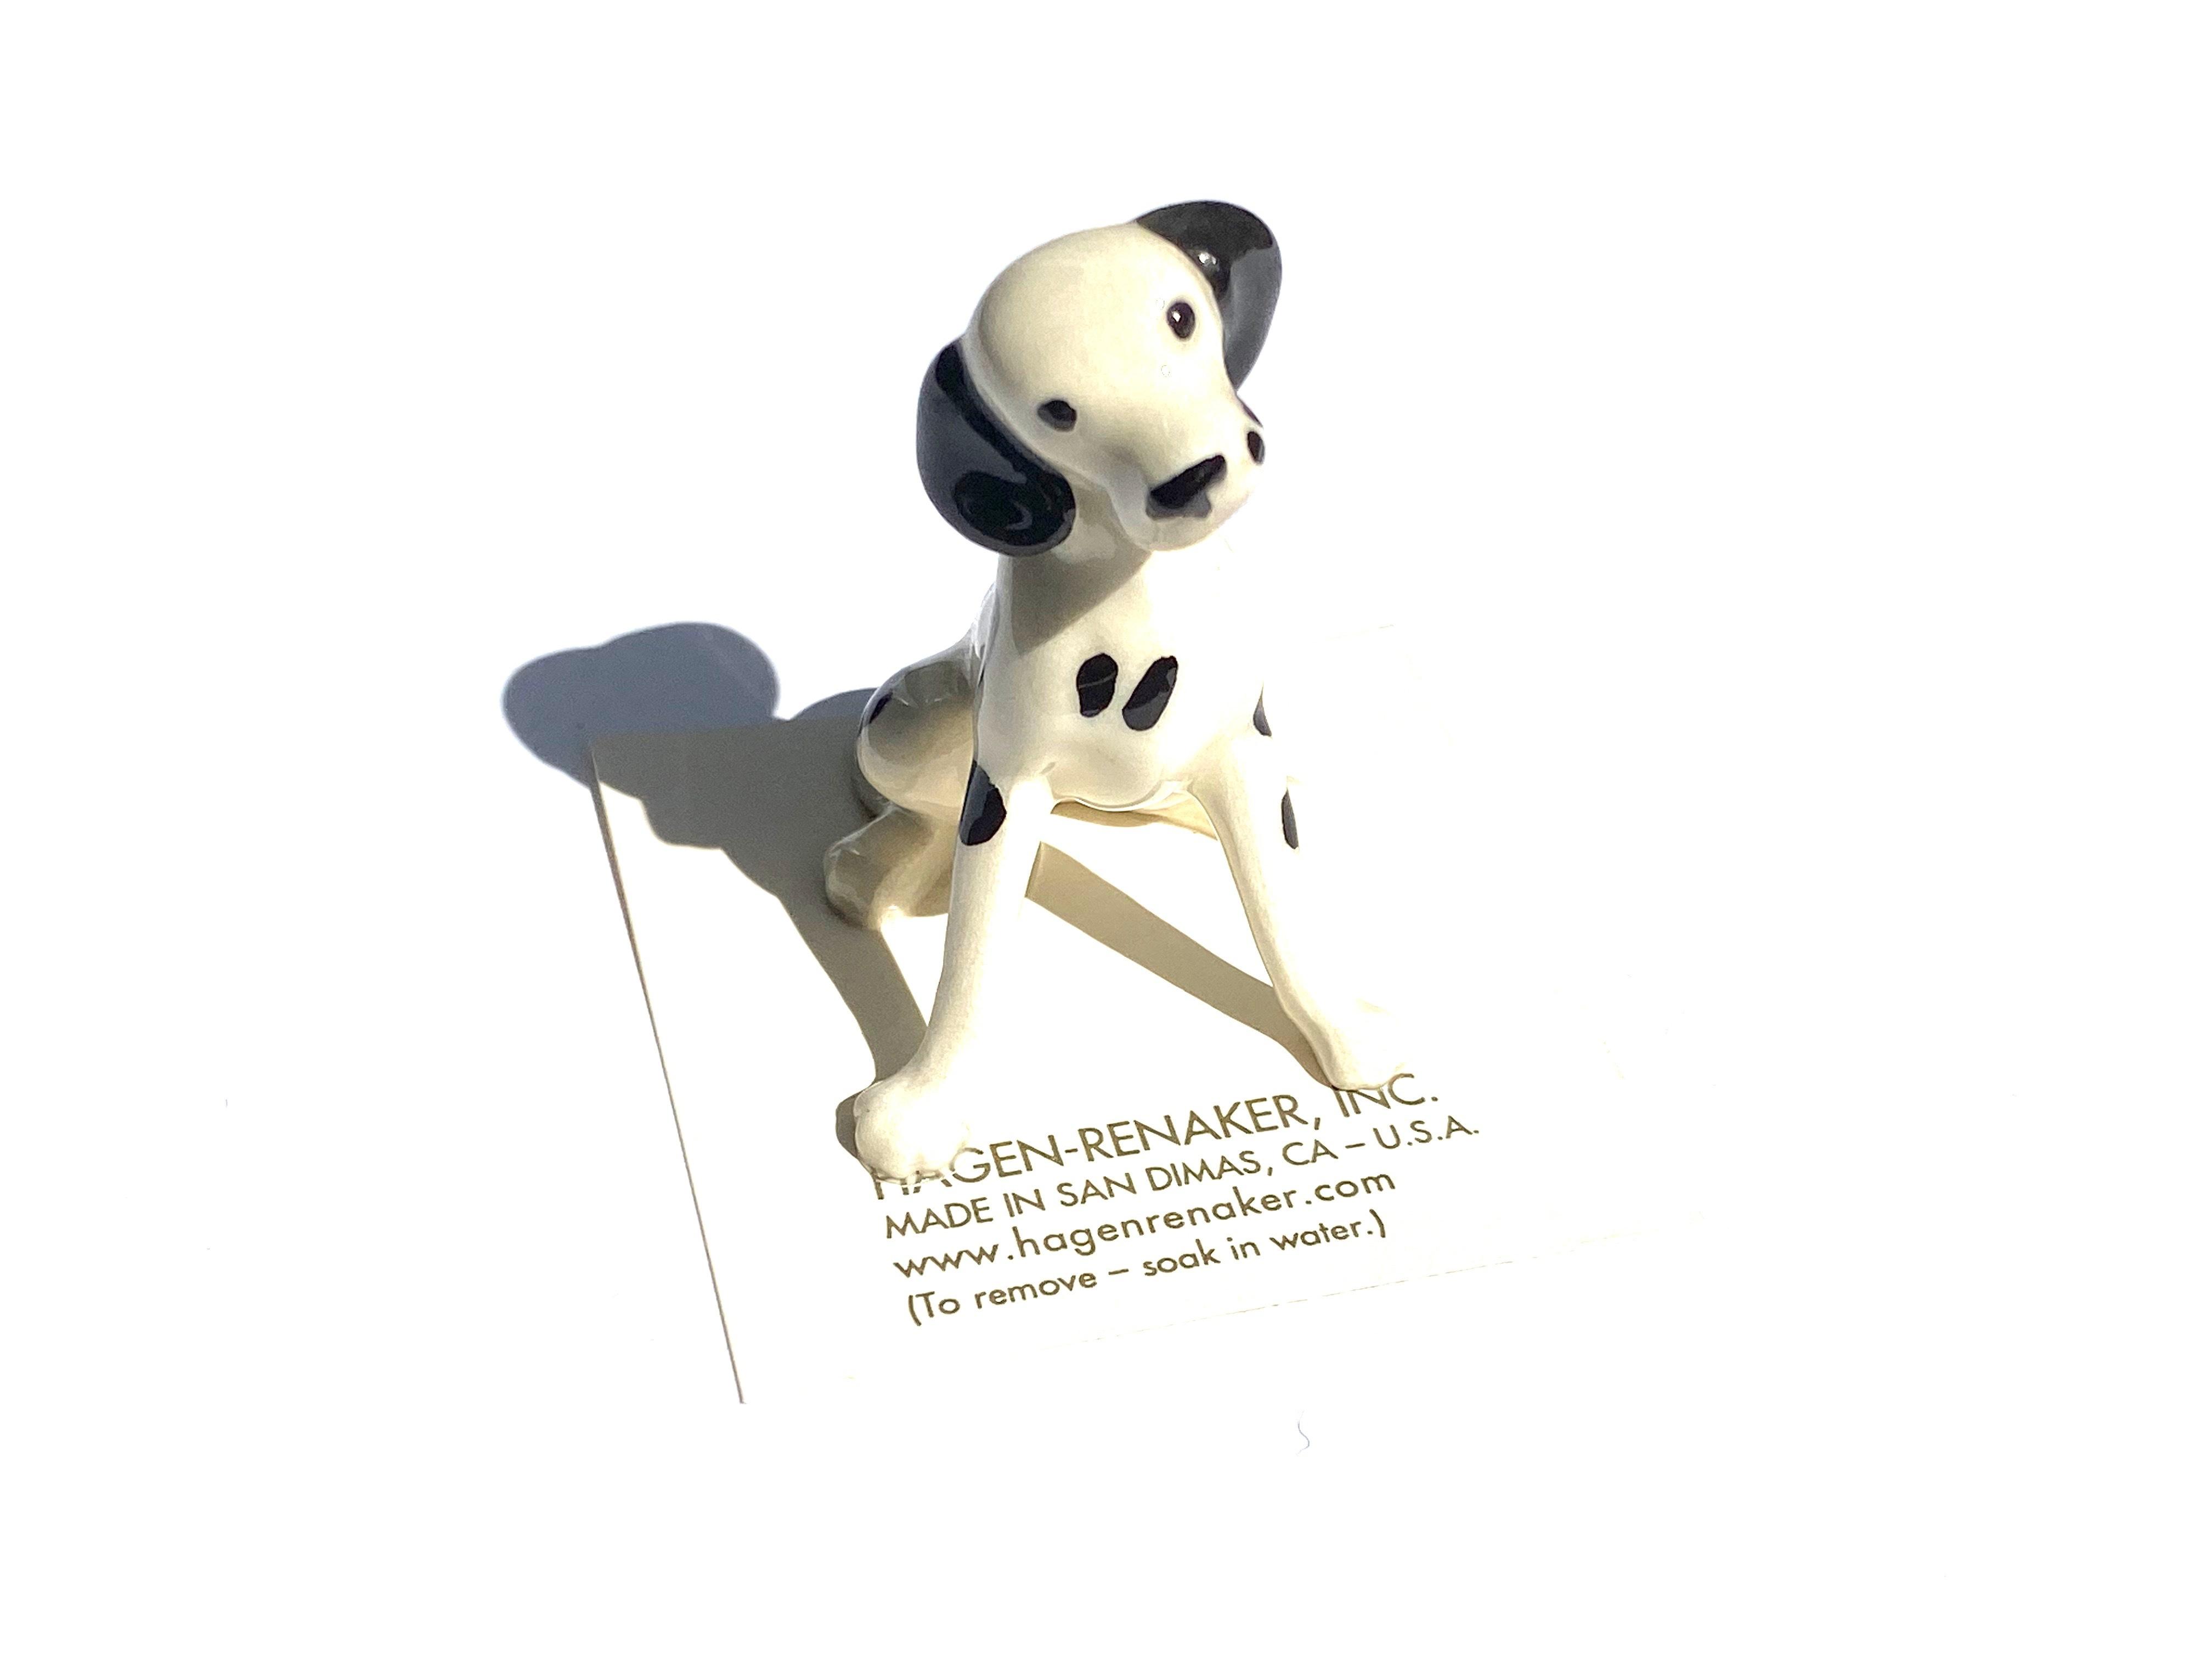 Hagen Renaker Cocker Dalmatian ヘイゲンリネカー ダルメシアン_d0217958_11583986.jpg